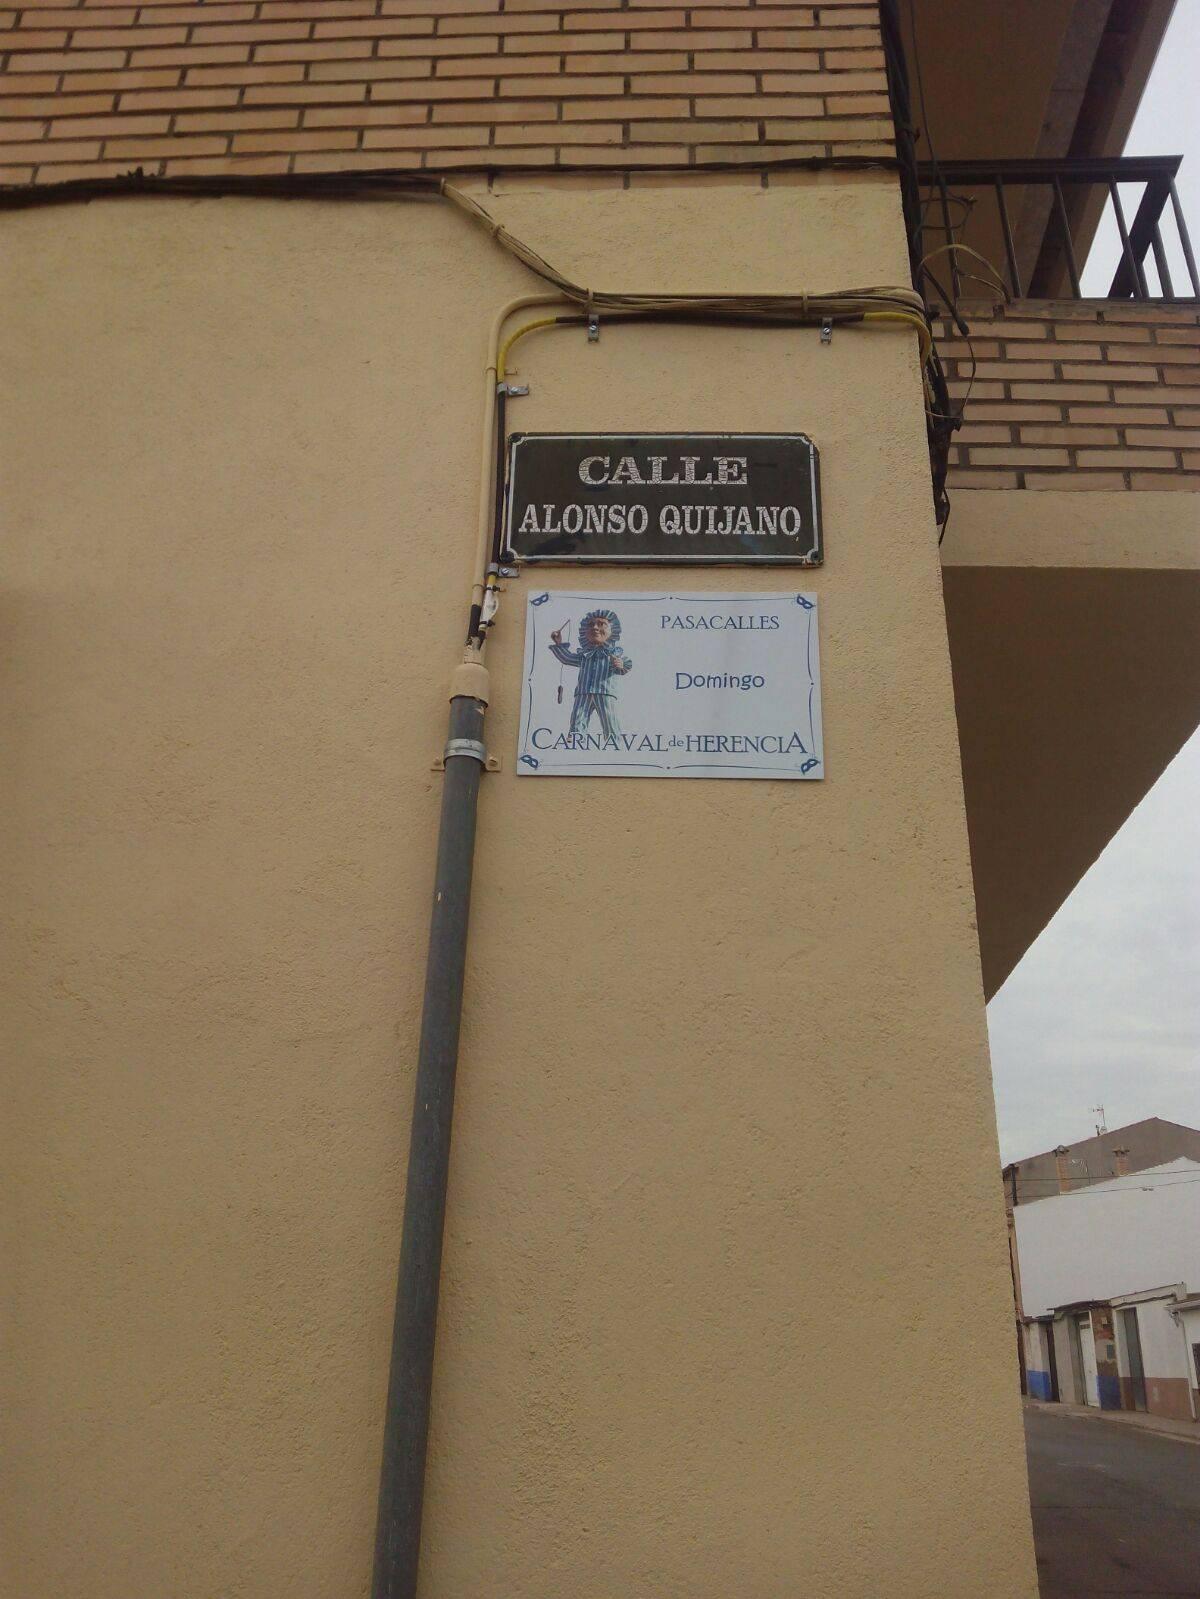 carteles carnaval herencia calles 1 - Placas informativas del Carnaval de Herencia en algunas calles